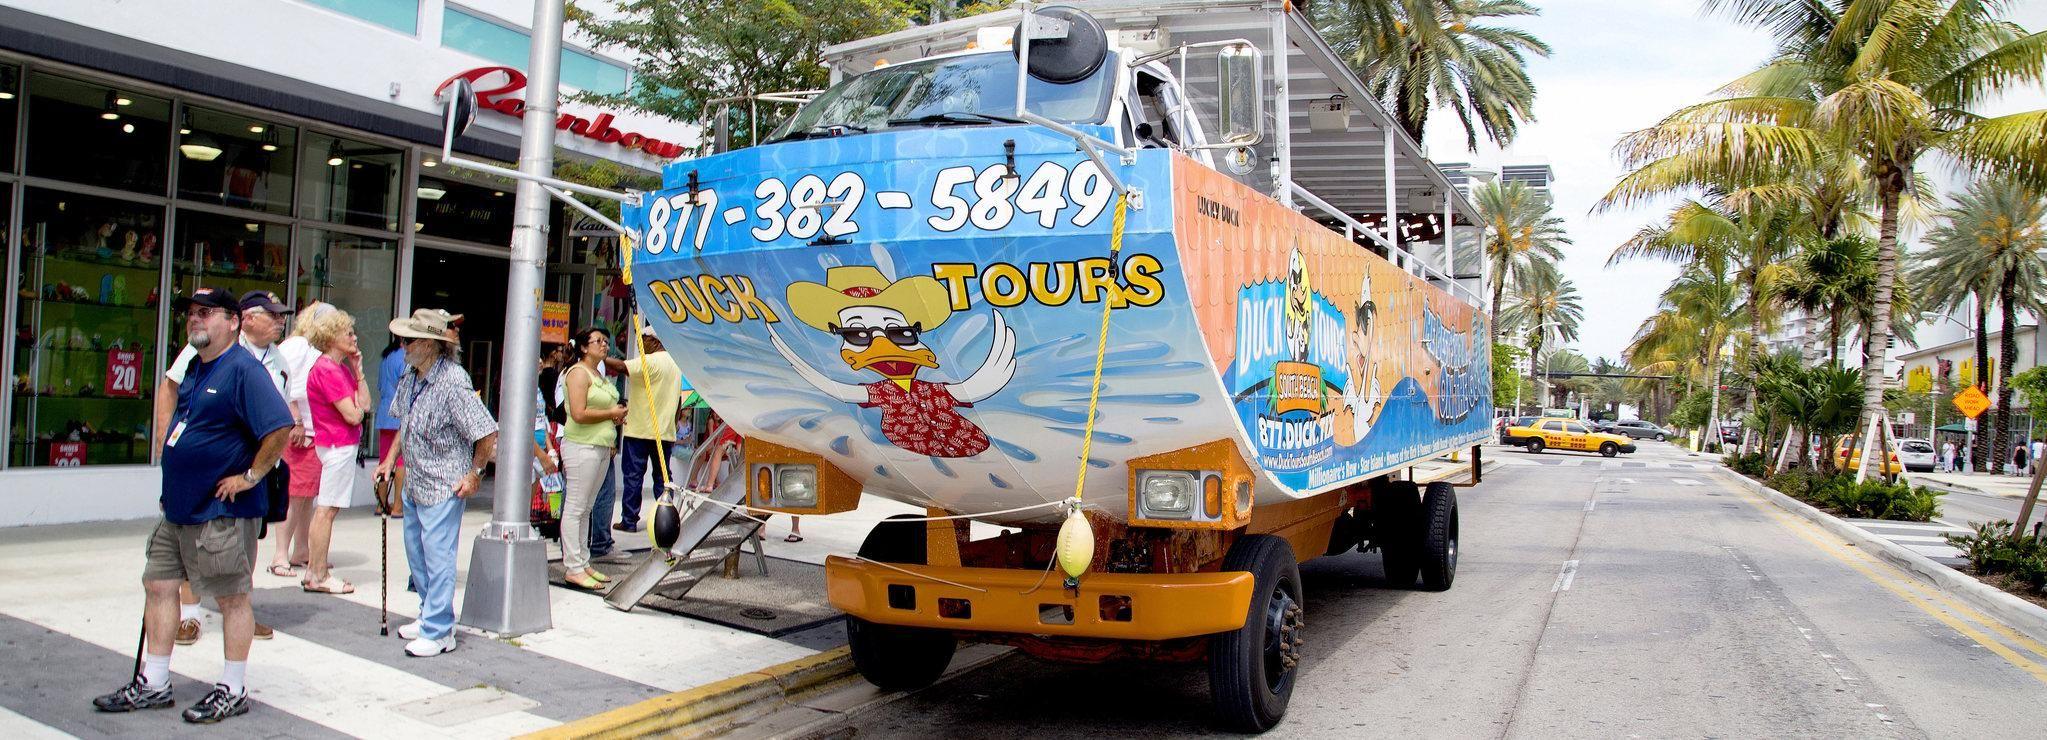 Splashdown: Duck Tour of Miami and South Beach